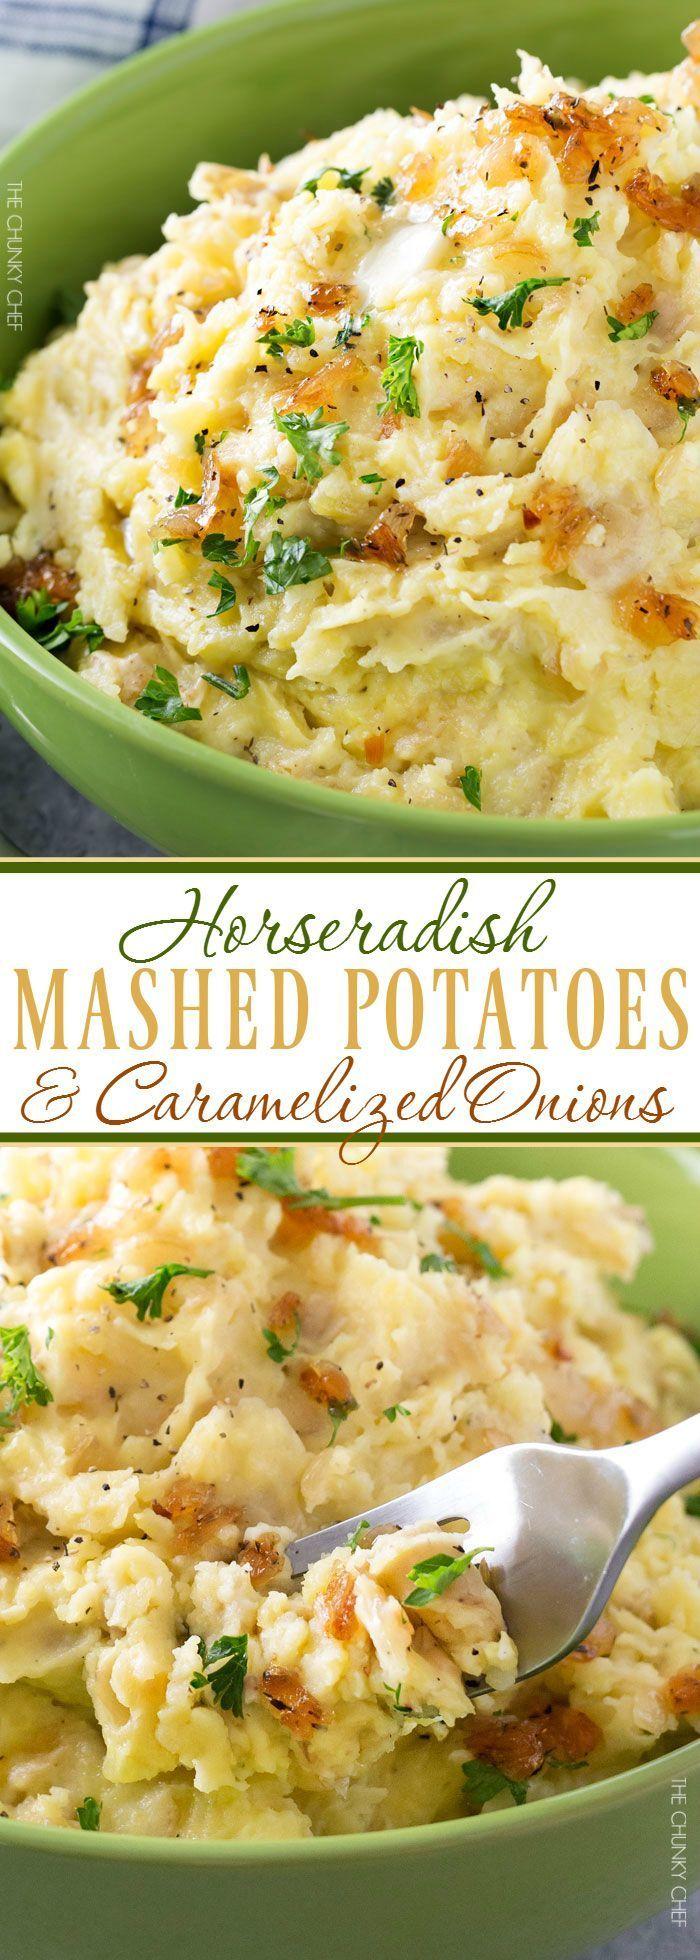 Horseradish Mashed Potatoes with Caramelized Onions | Not your average ...